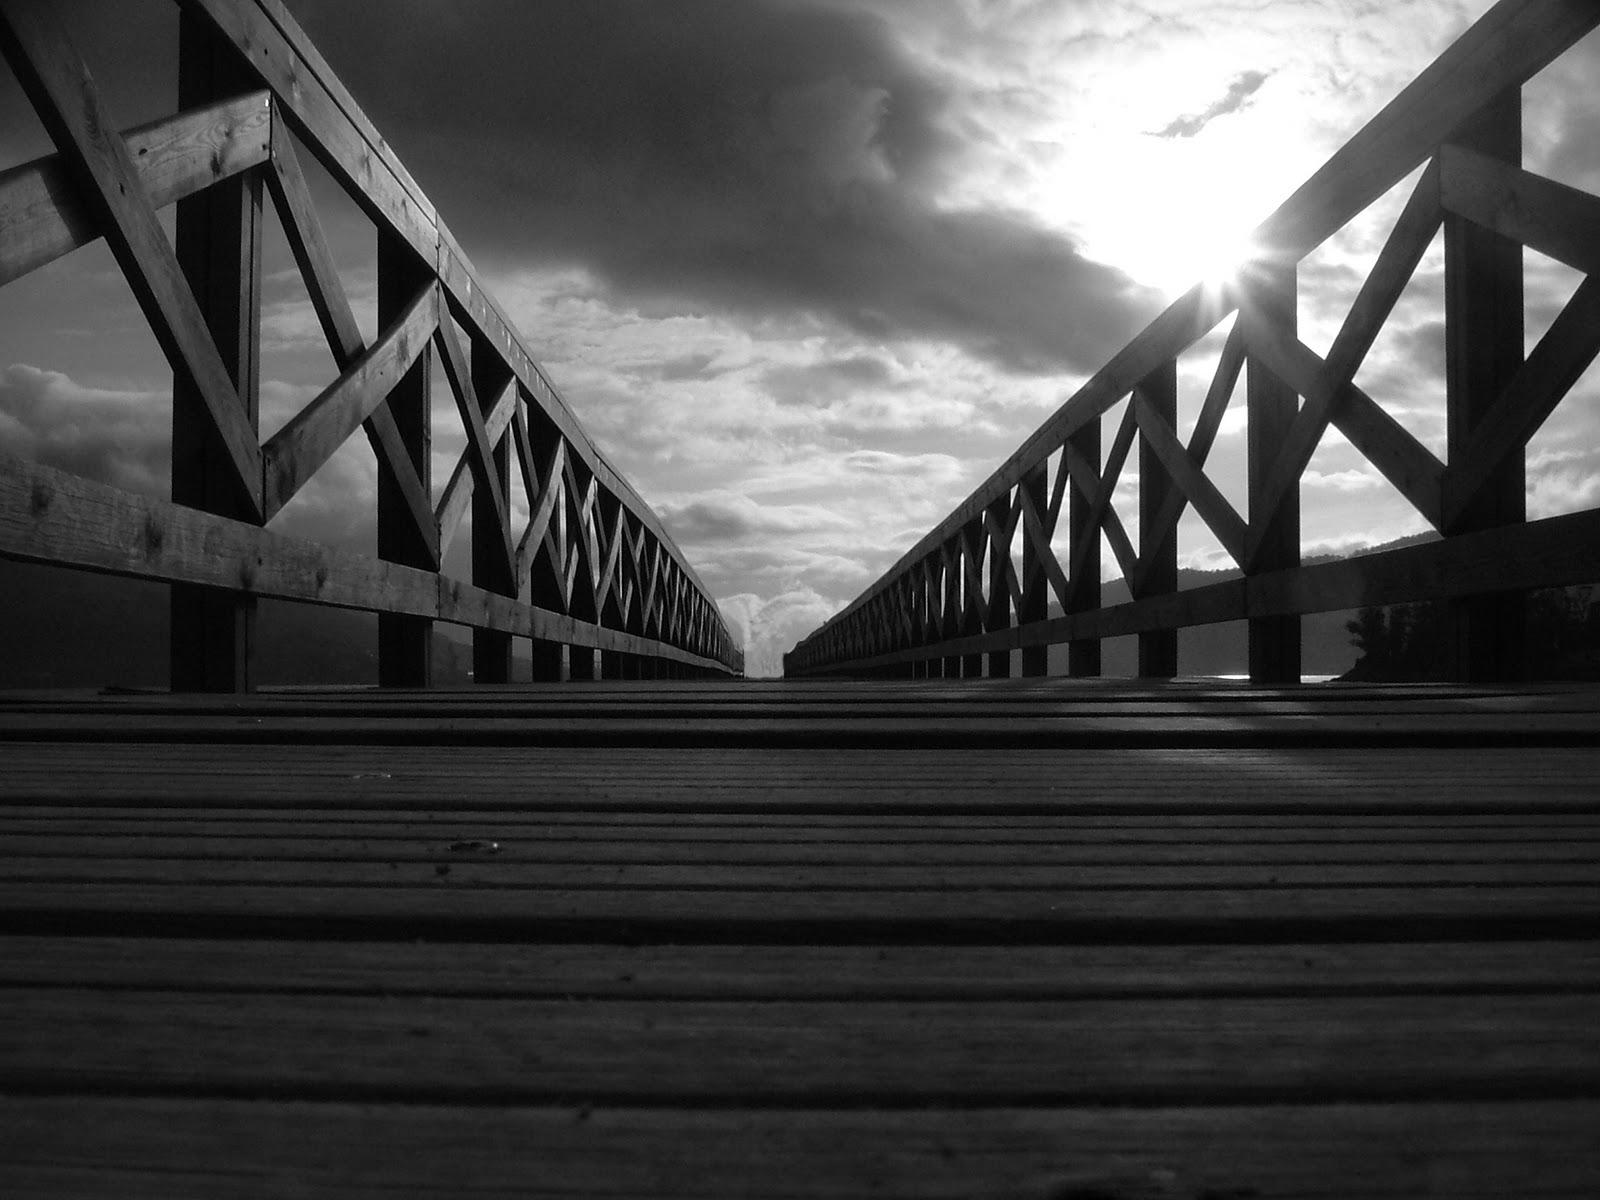 Guerra y paz foto en blanco y negro - Blanco y negro ...